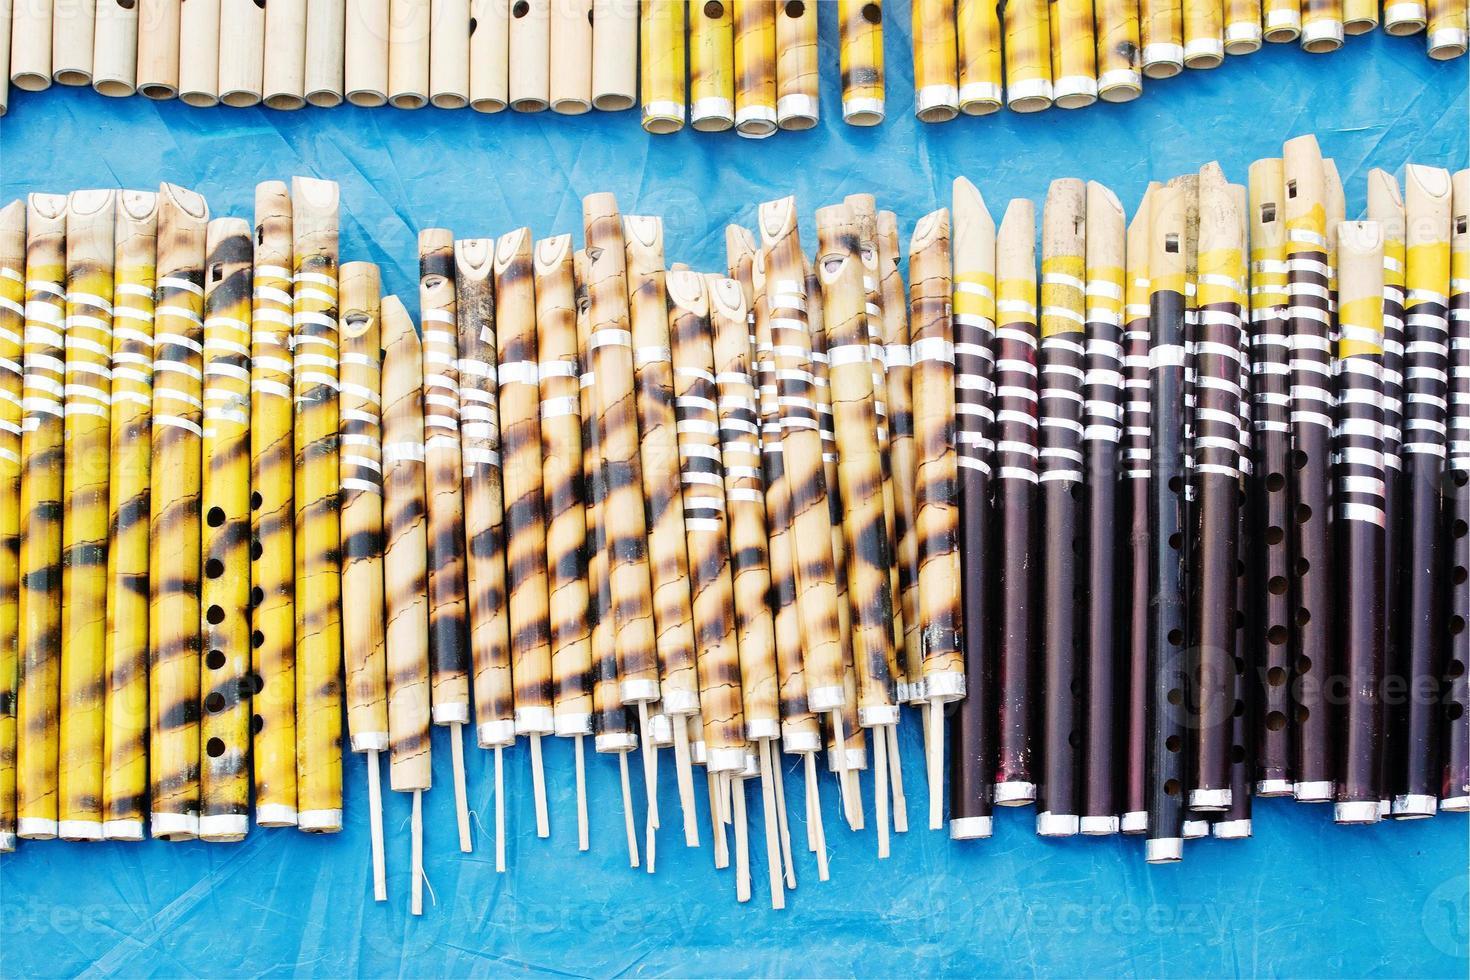 flautas hechas de bambú, feria de artesanías indias en kolkata foto